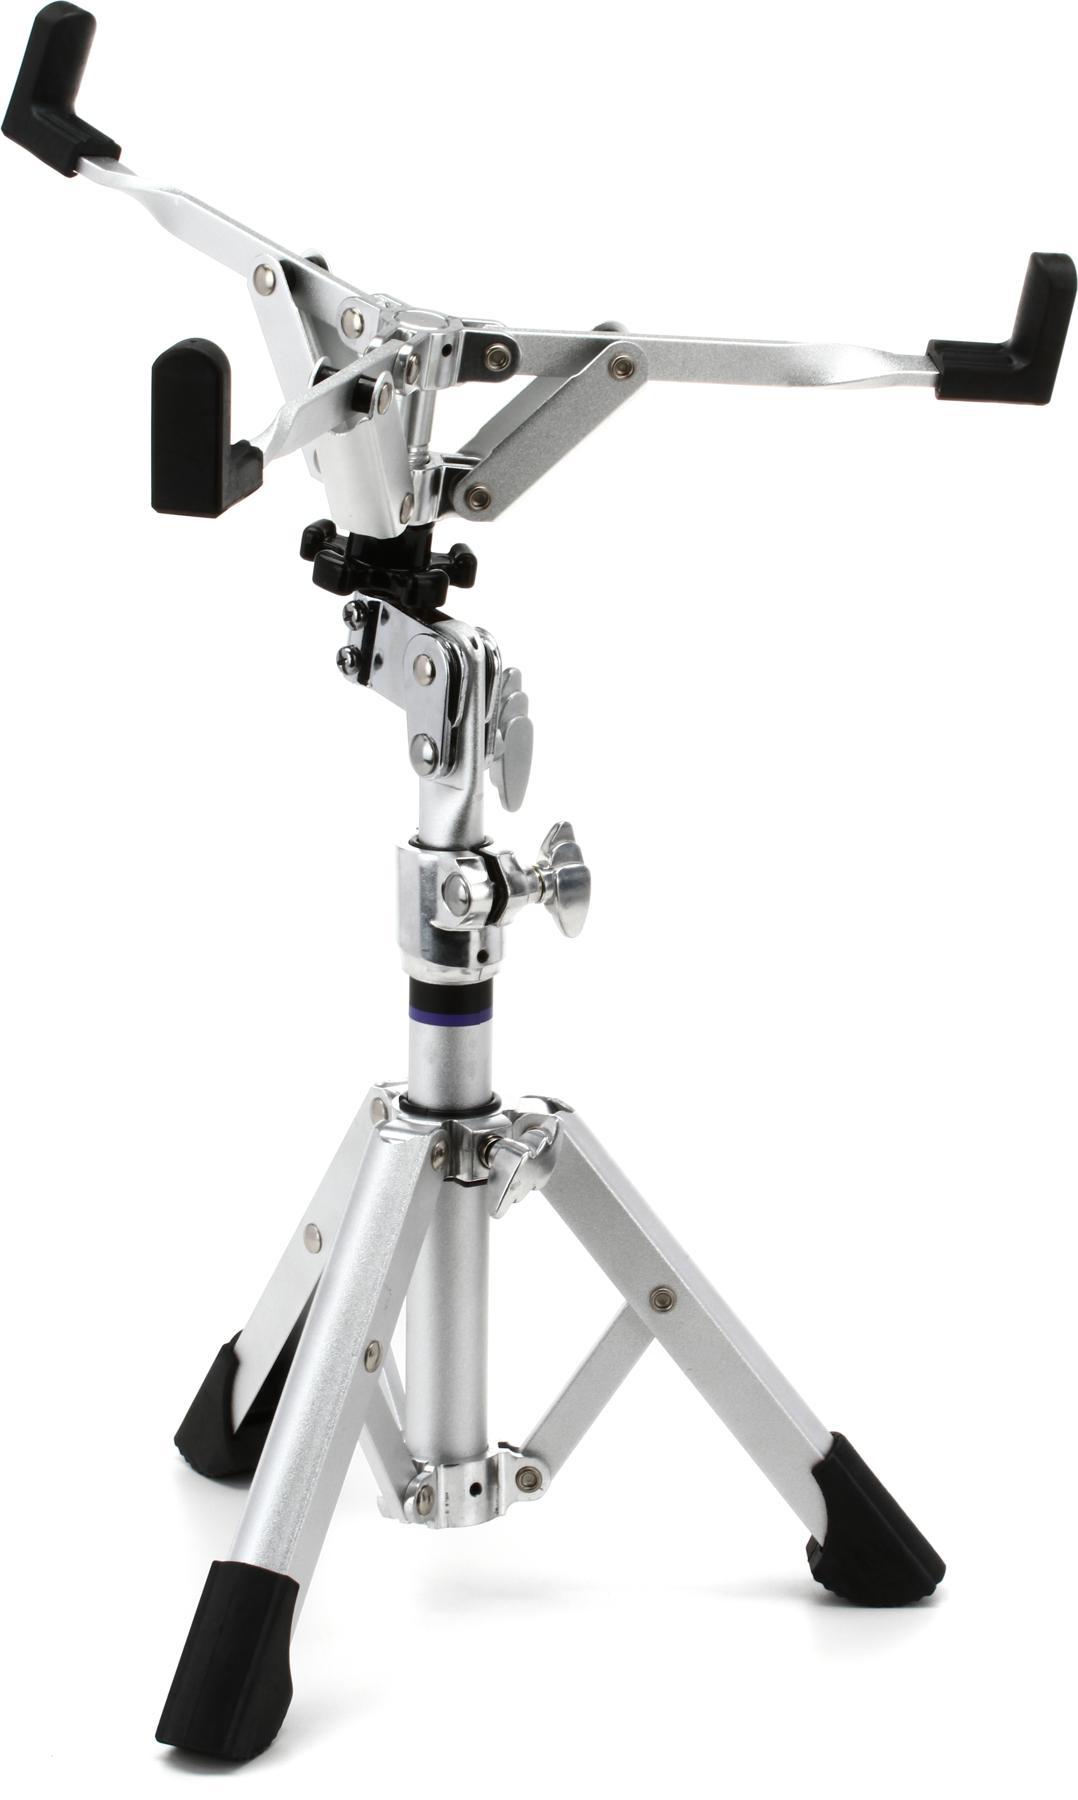 5. Yamaha SS-3 Advanced Lightweight Aluminum Snare Stand